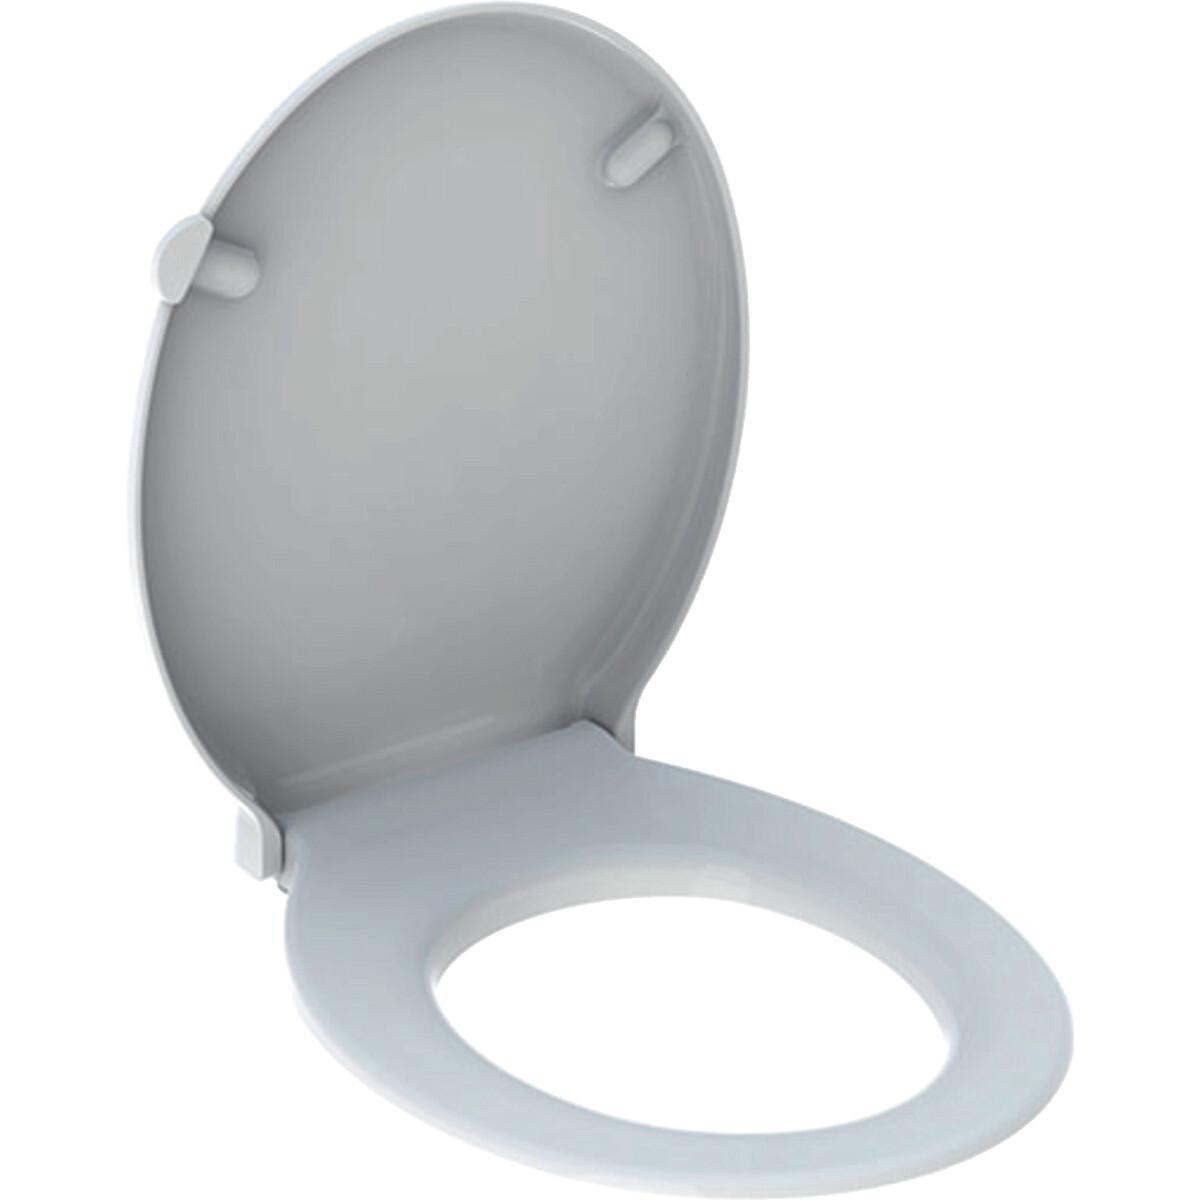 Abattant WC Geberit Selnova Comfort adapté PMR, fixation par le dessus